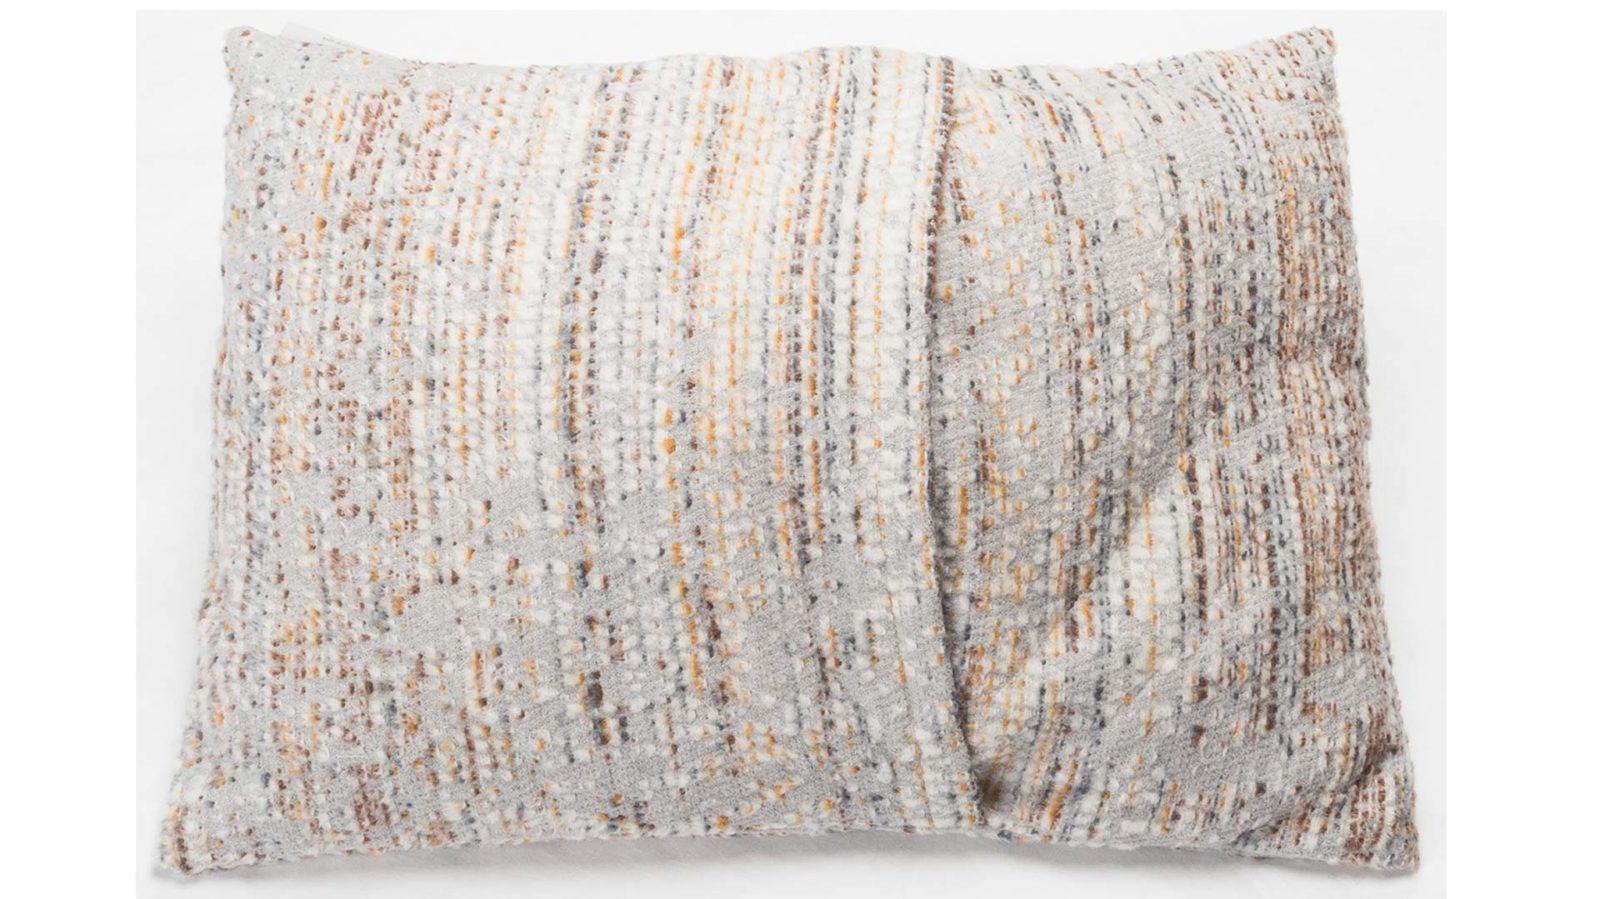 boucle-cushion-back-gold